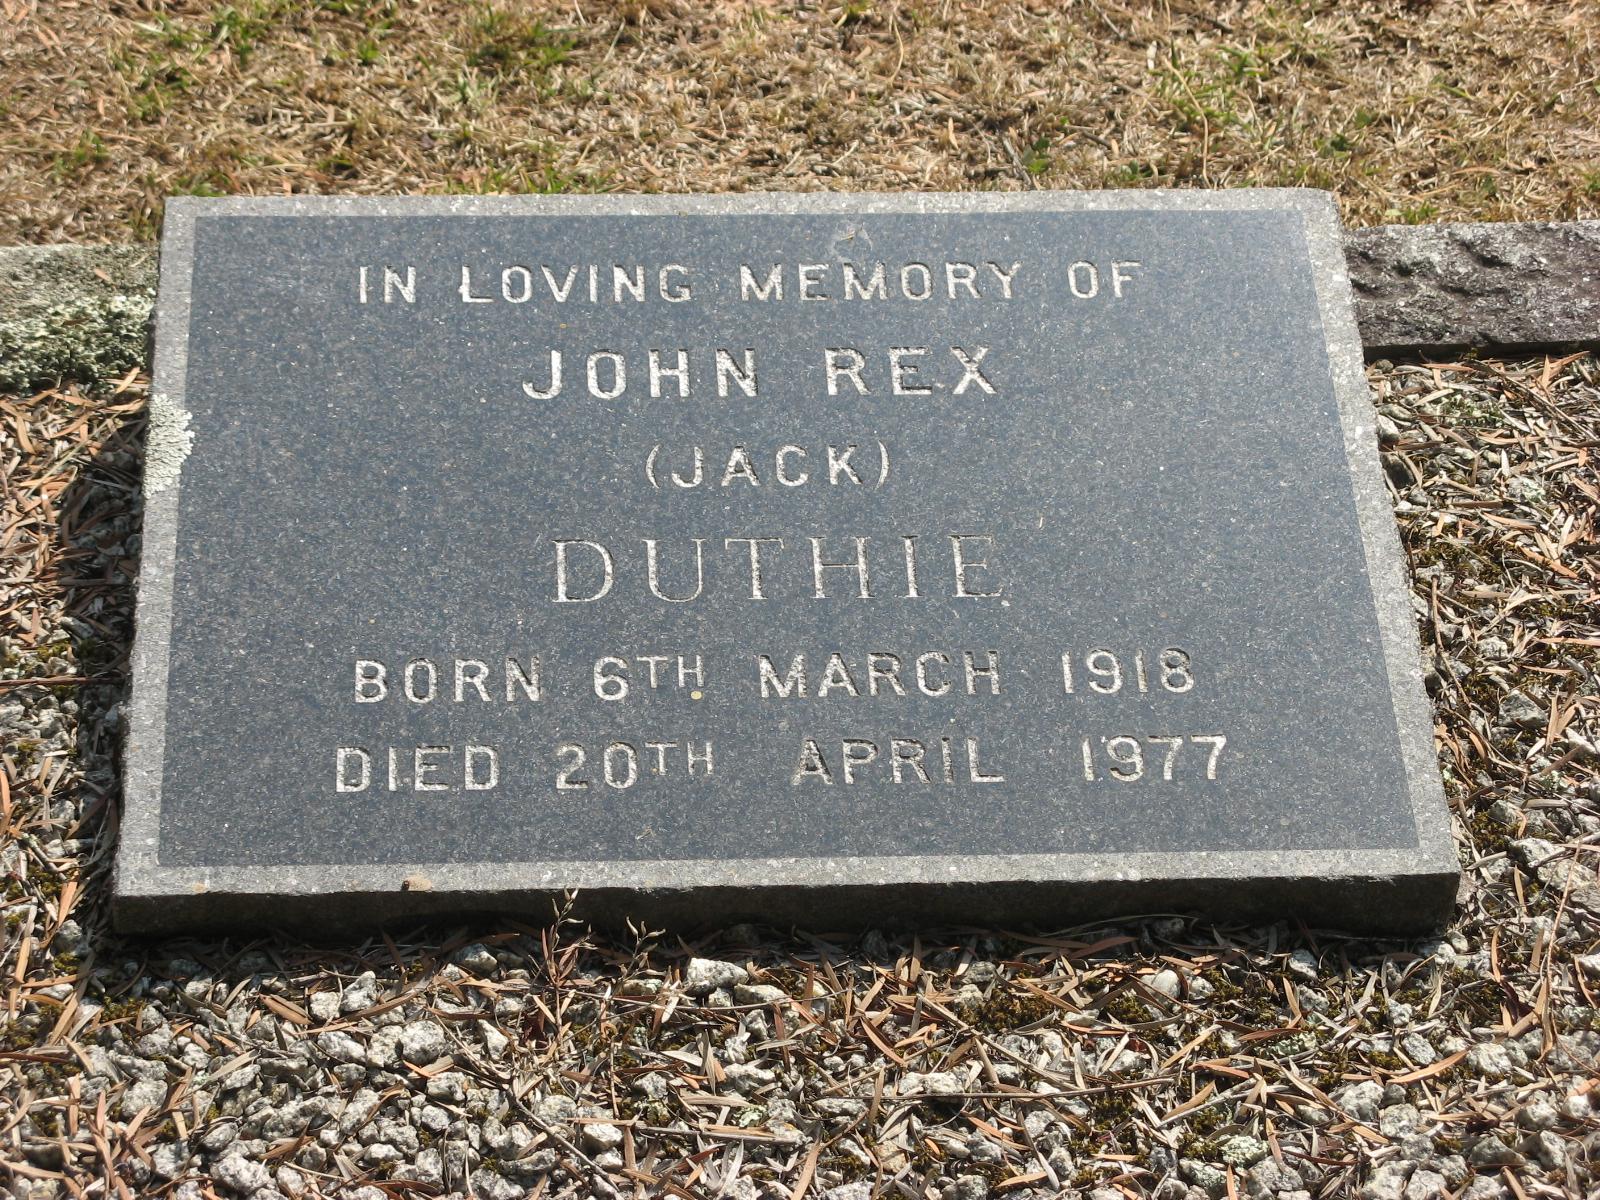 Duthie, John Rex (Jack)